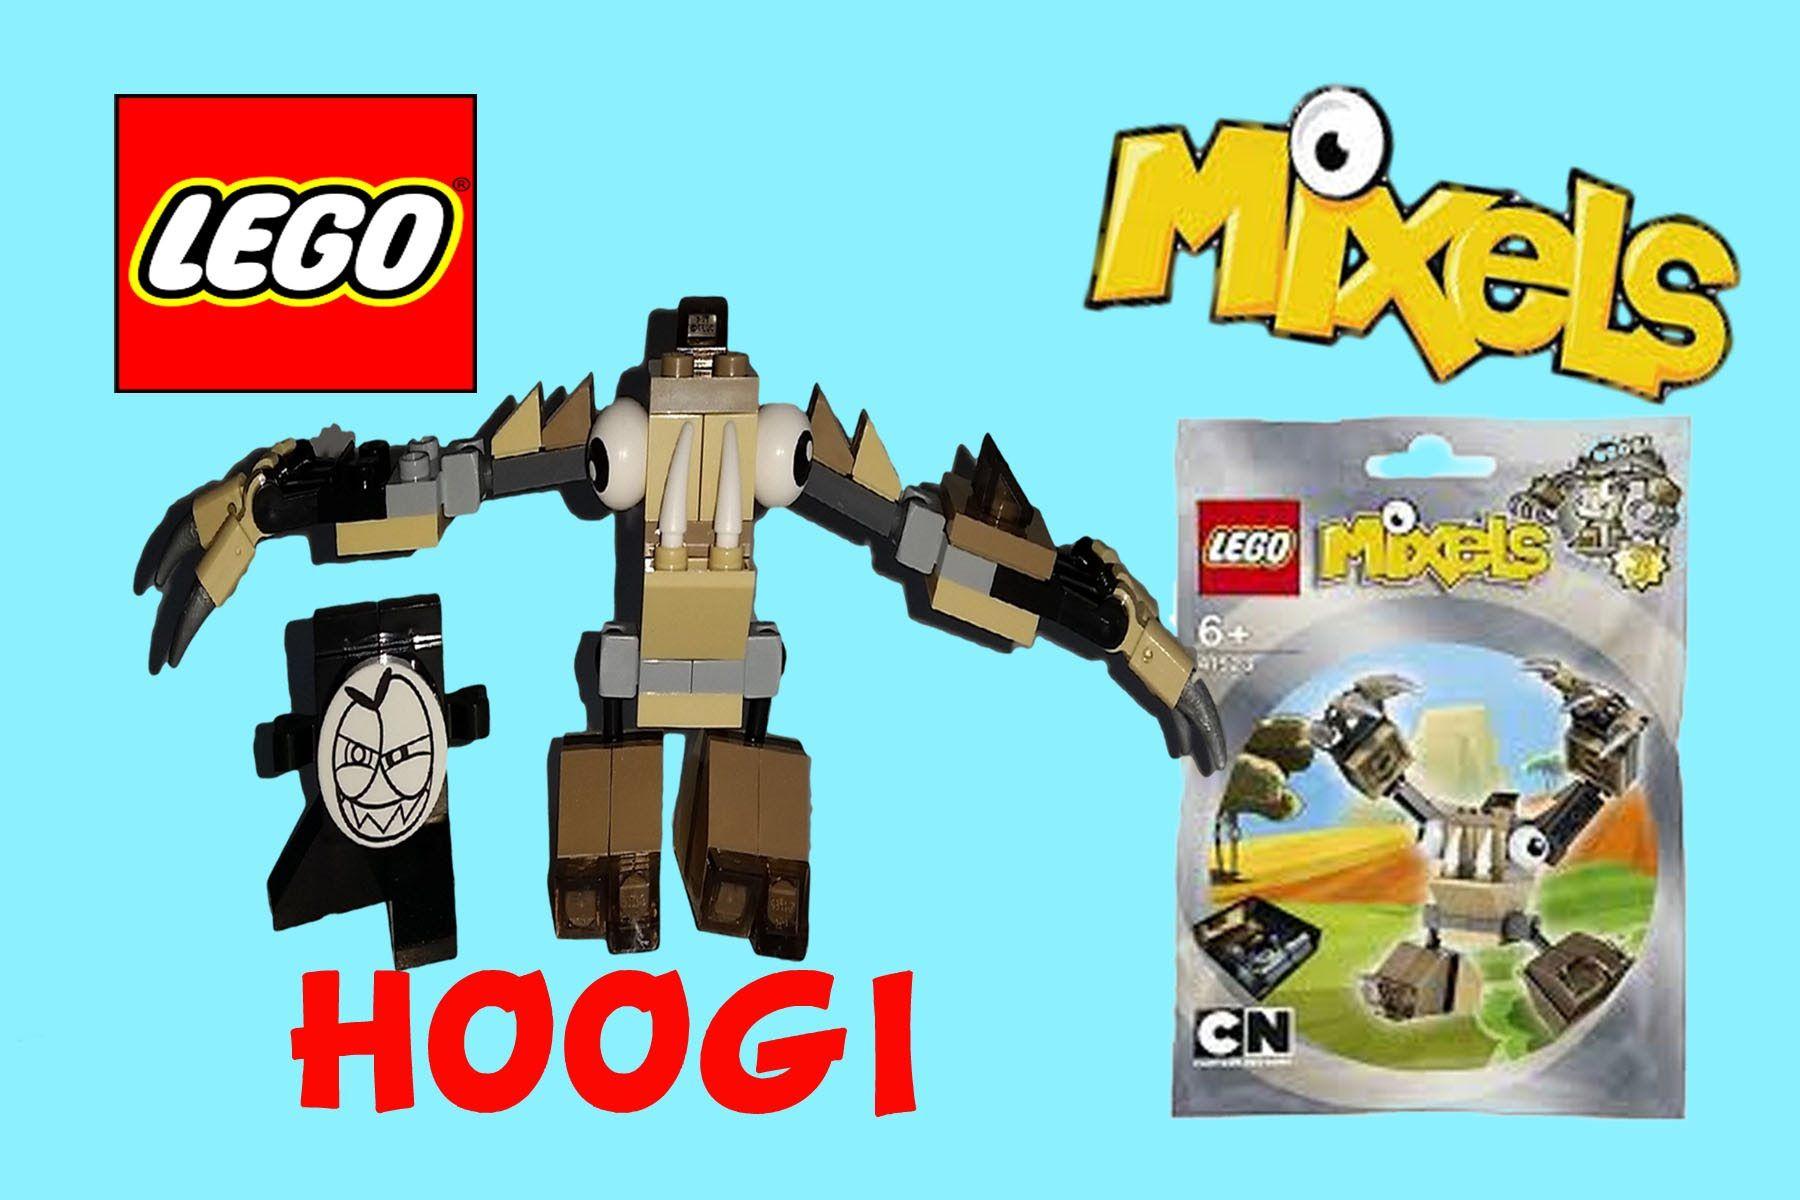 Lego Mixels Hoogi Toy Box Magic presents a fun Lego video